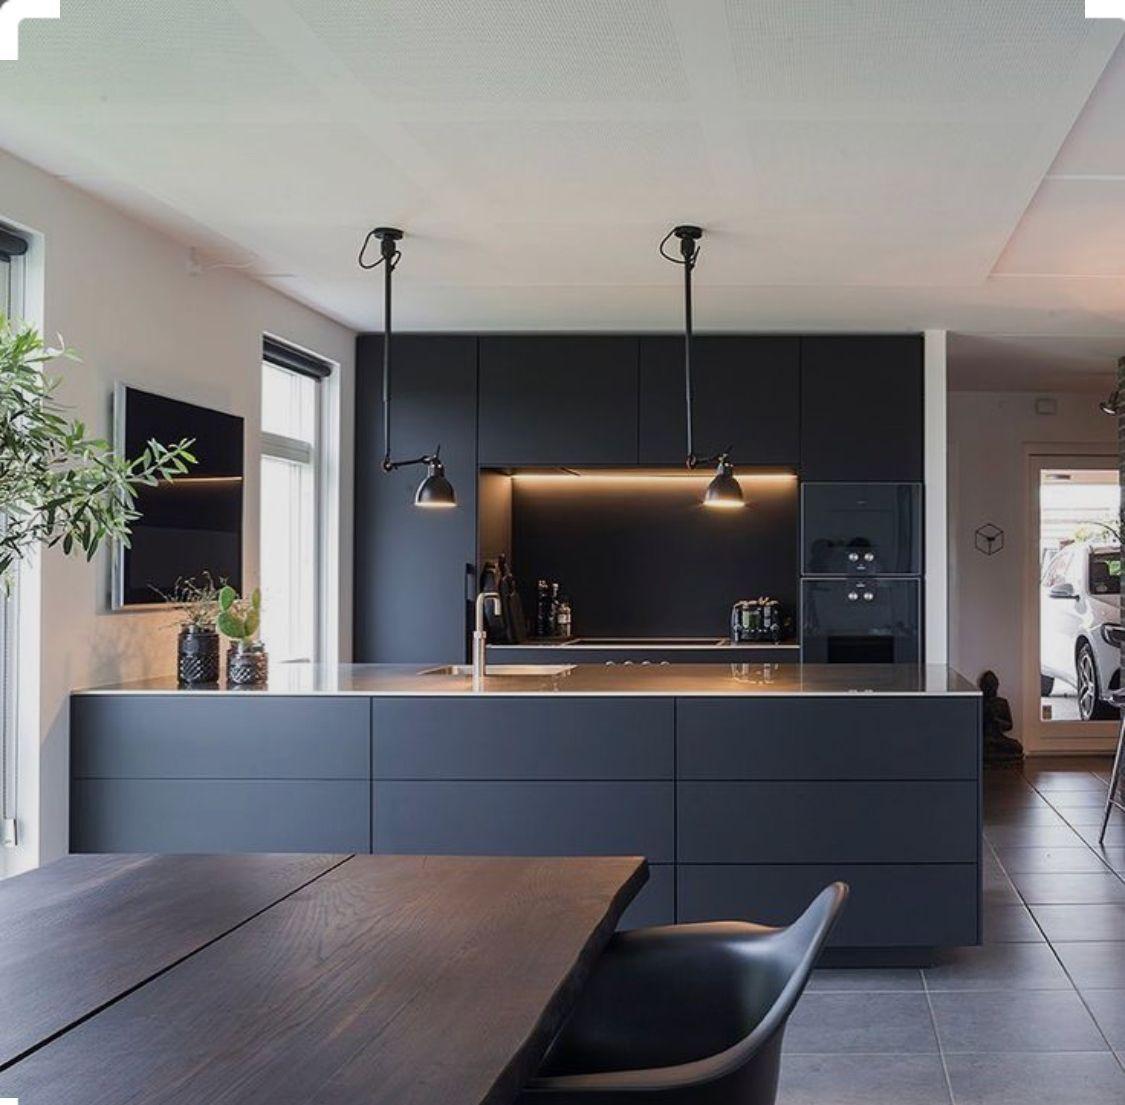 Minimalist Kitchen Decor: Pin De Milan Tasev Em Kitchen